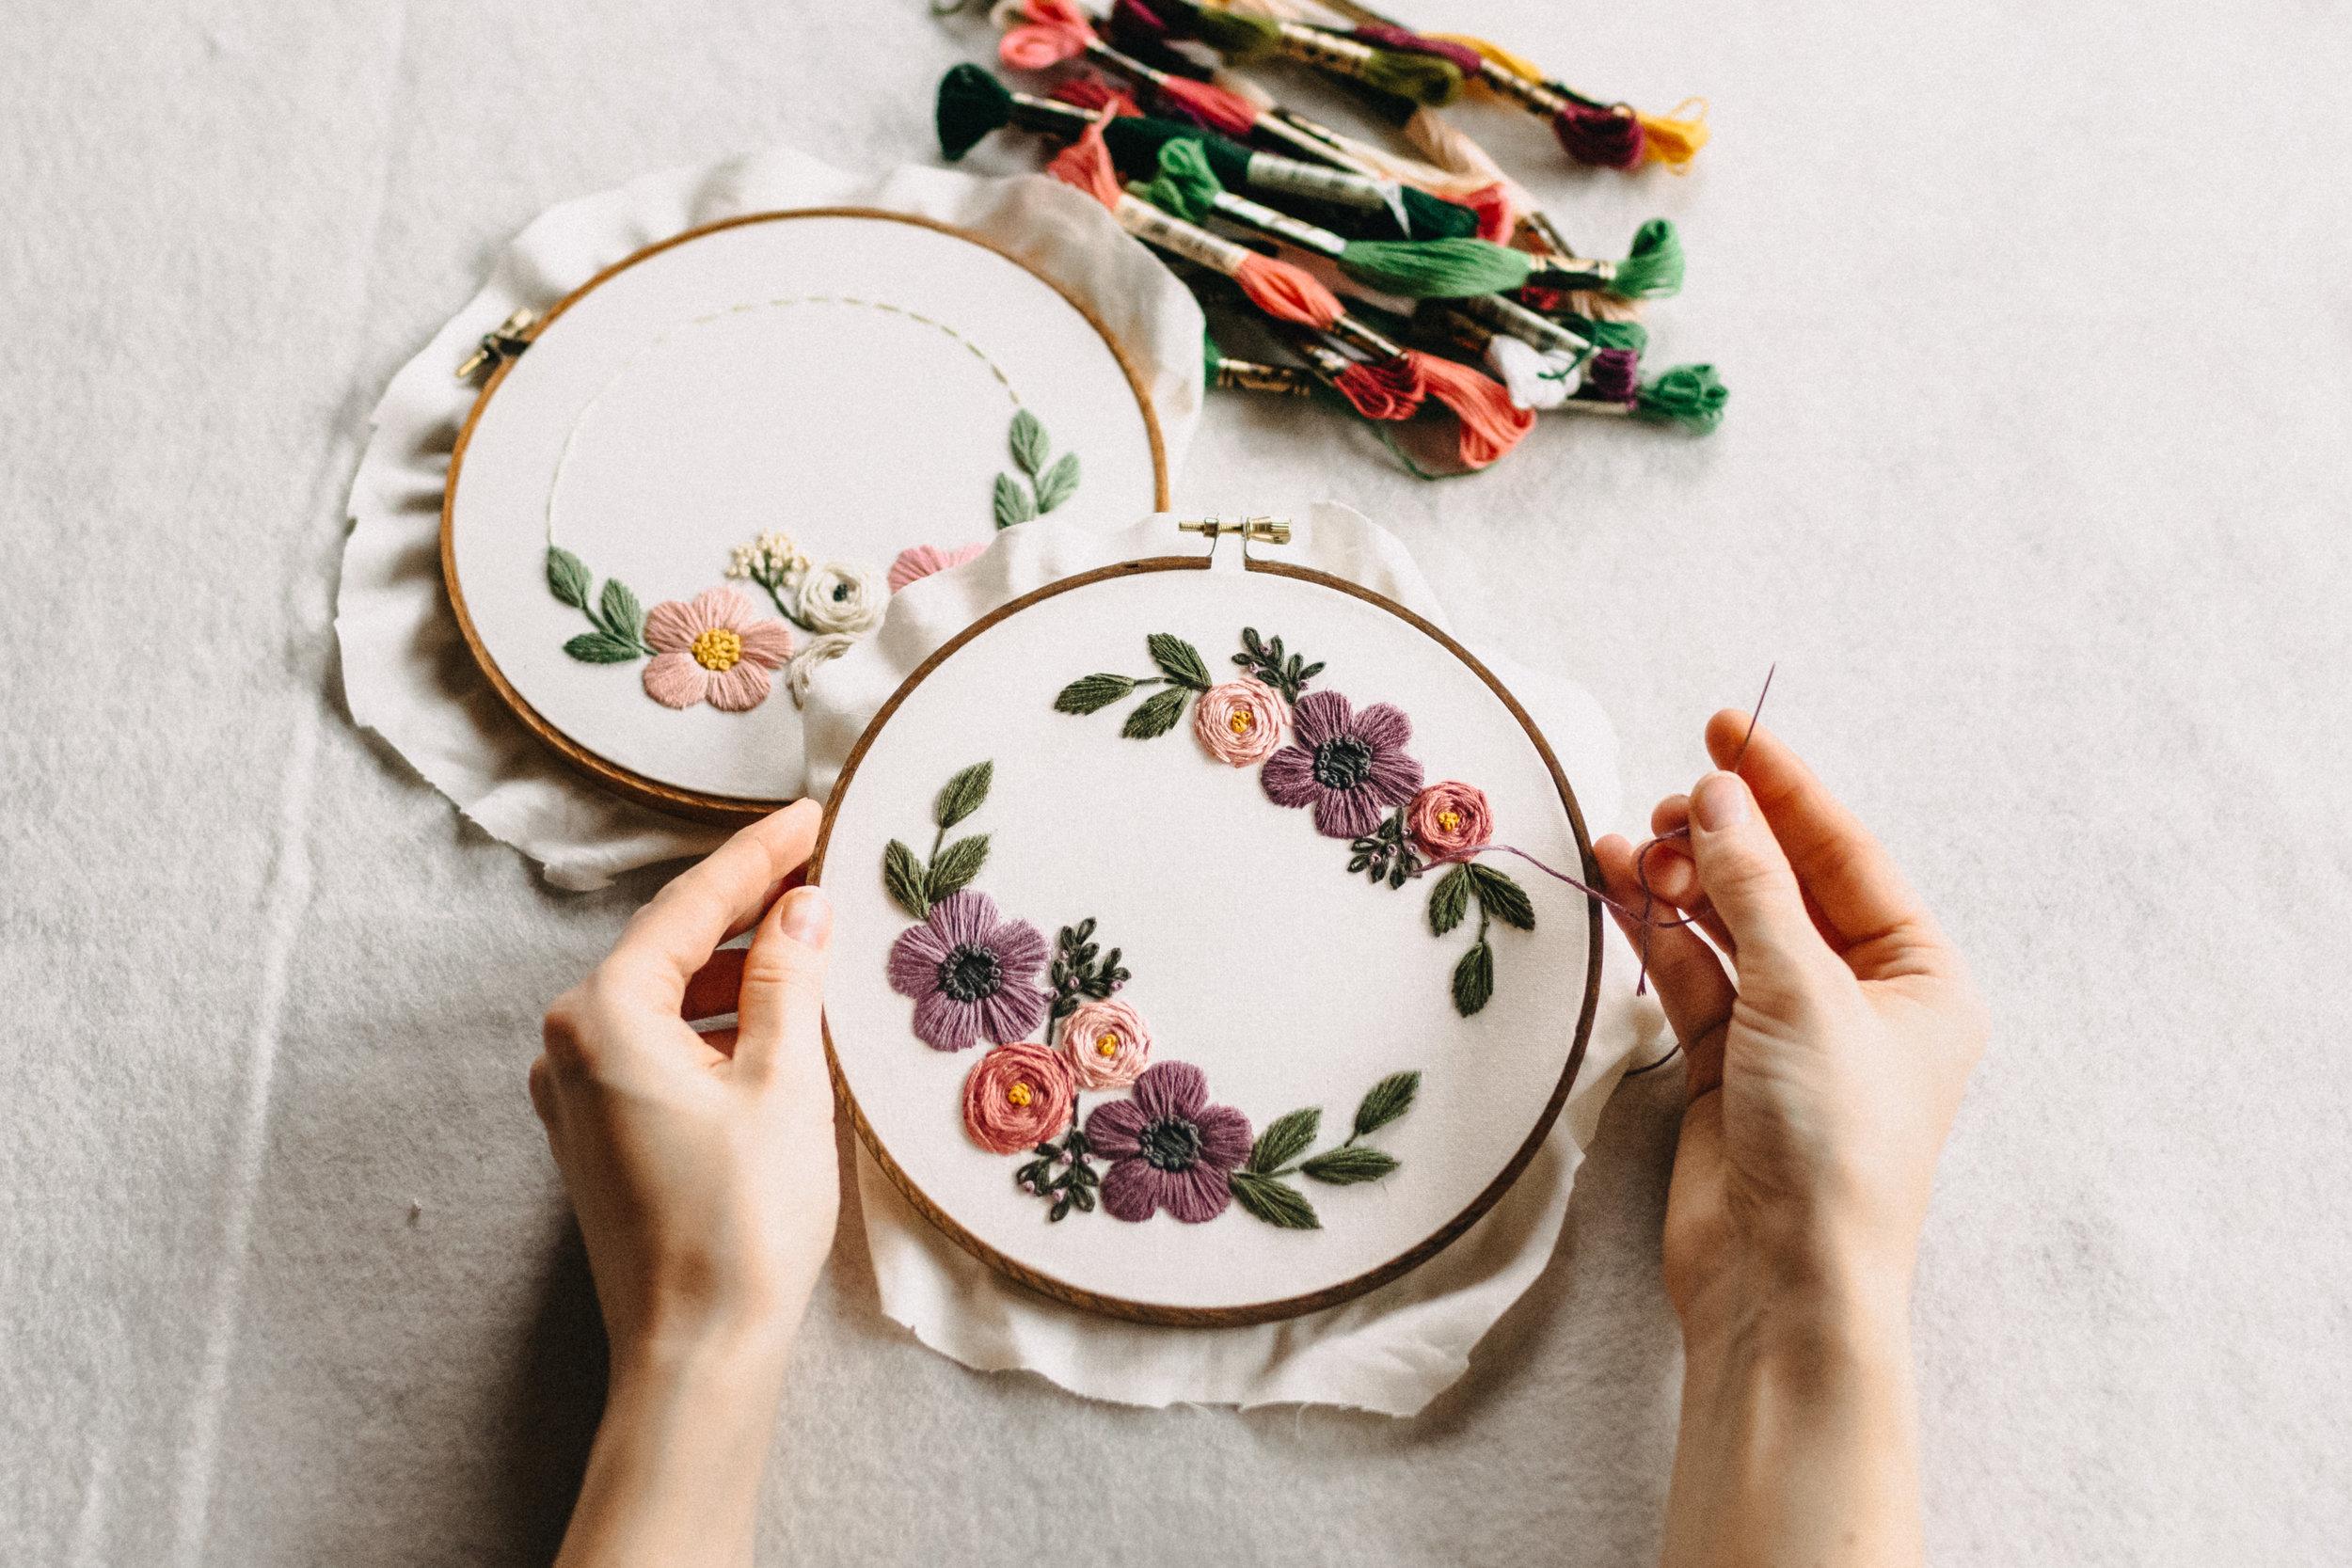 262780c920 Beginner Embroidery - Floral Vignette in Hoop